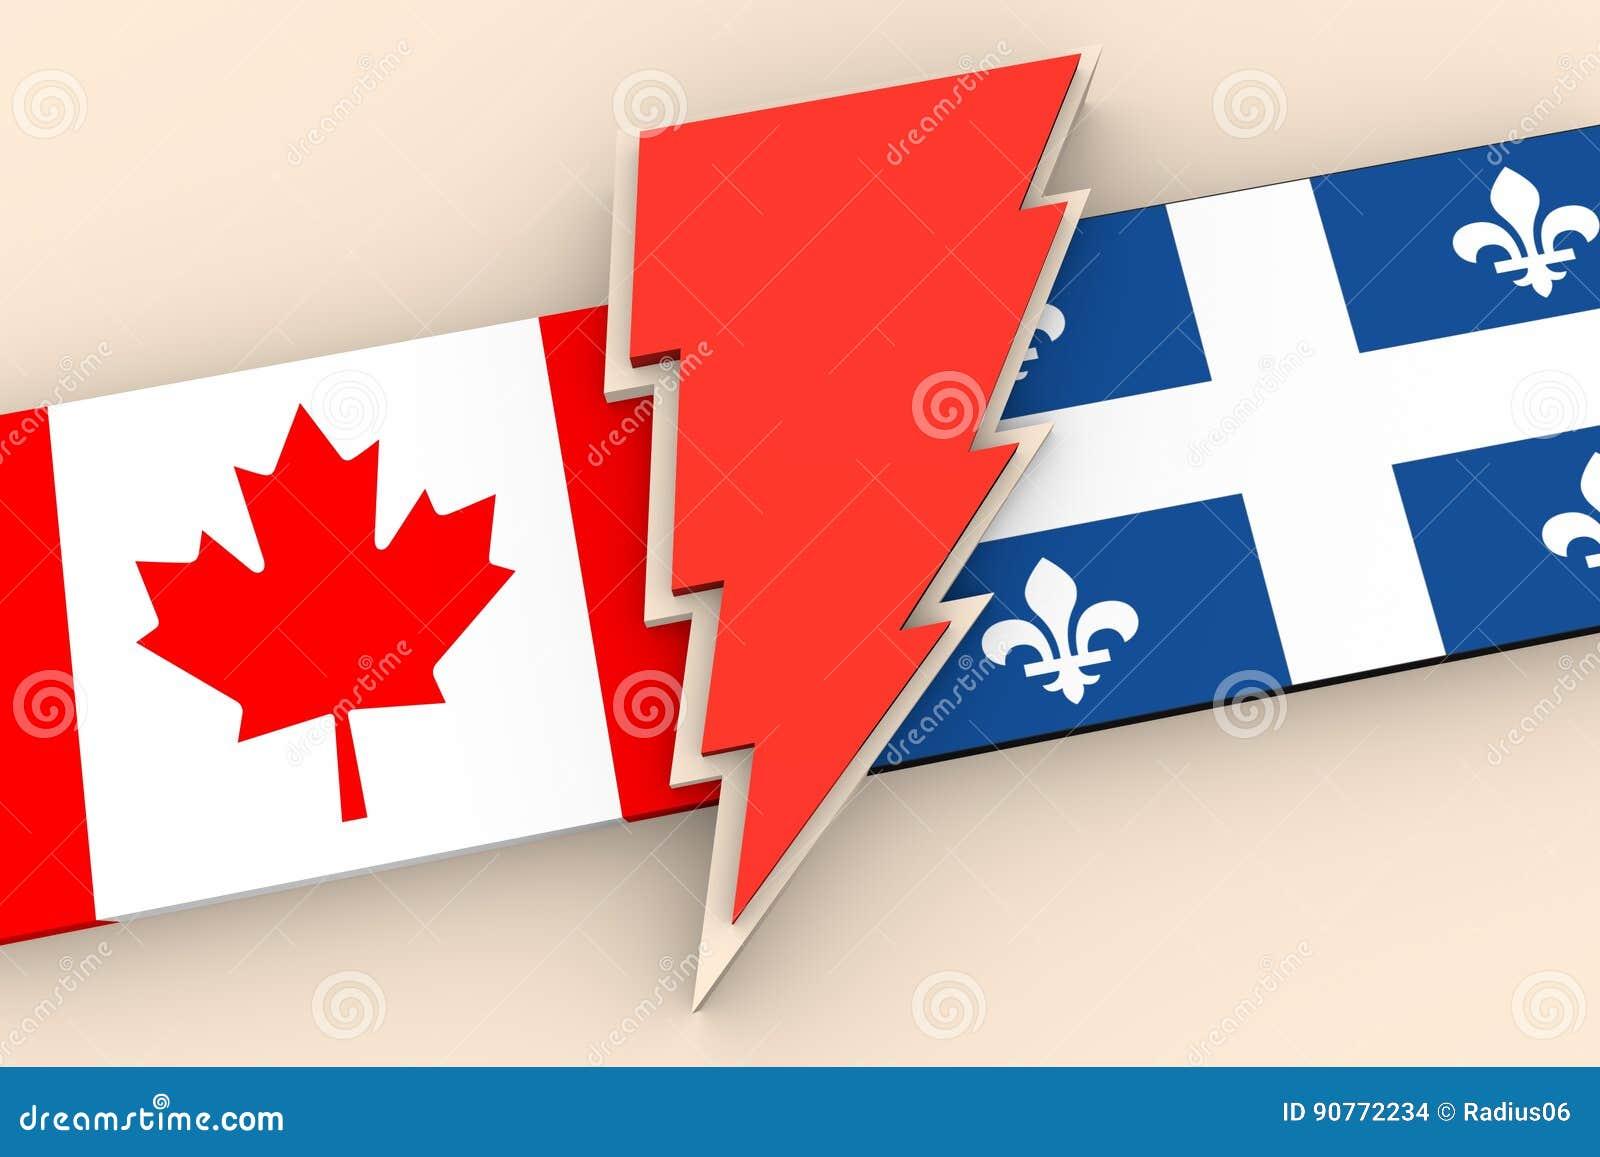 Σχέσεις μεταξύ του Καναδά και του Κεμπέκ